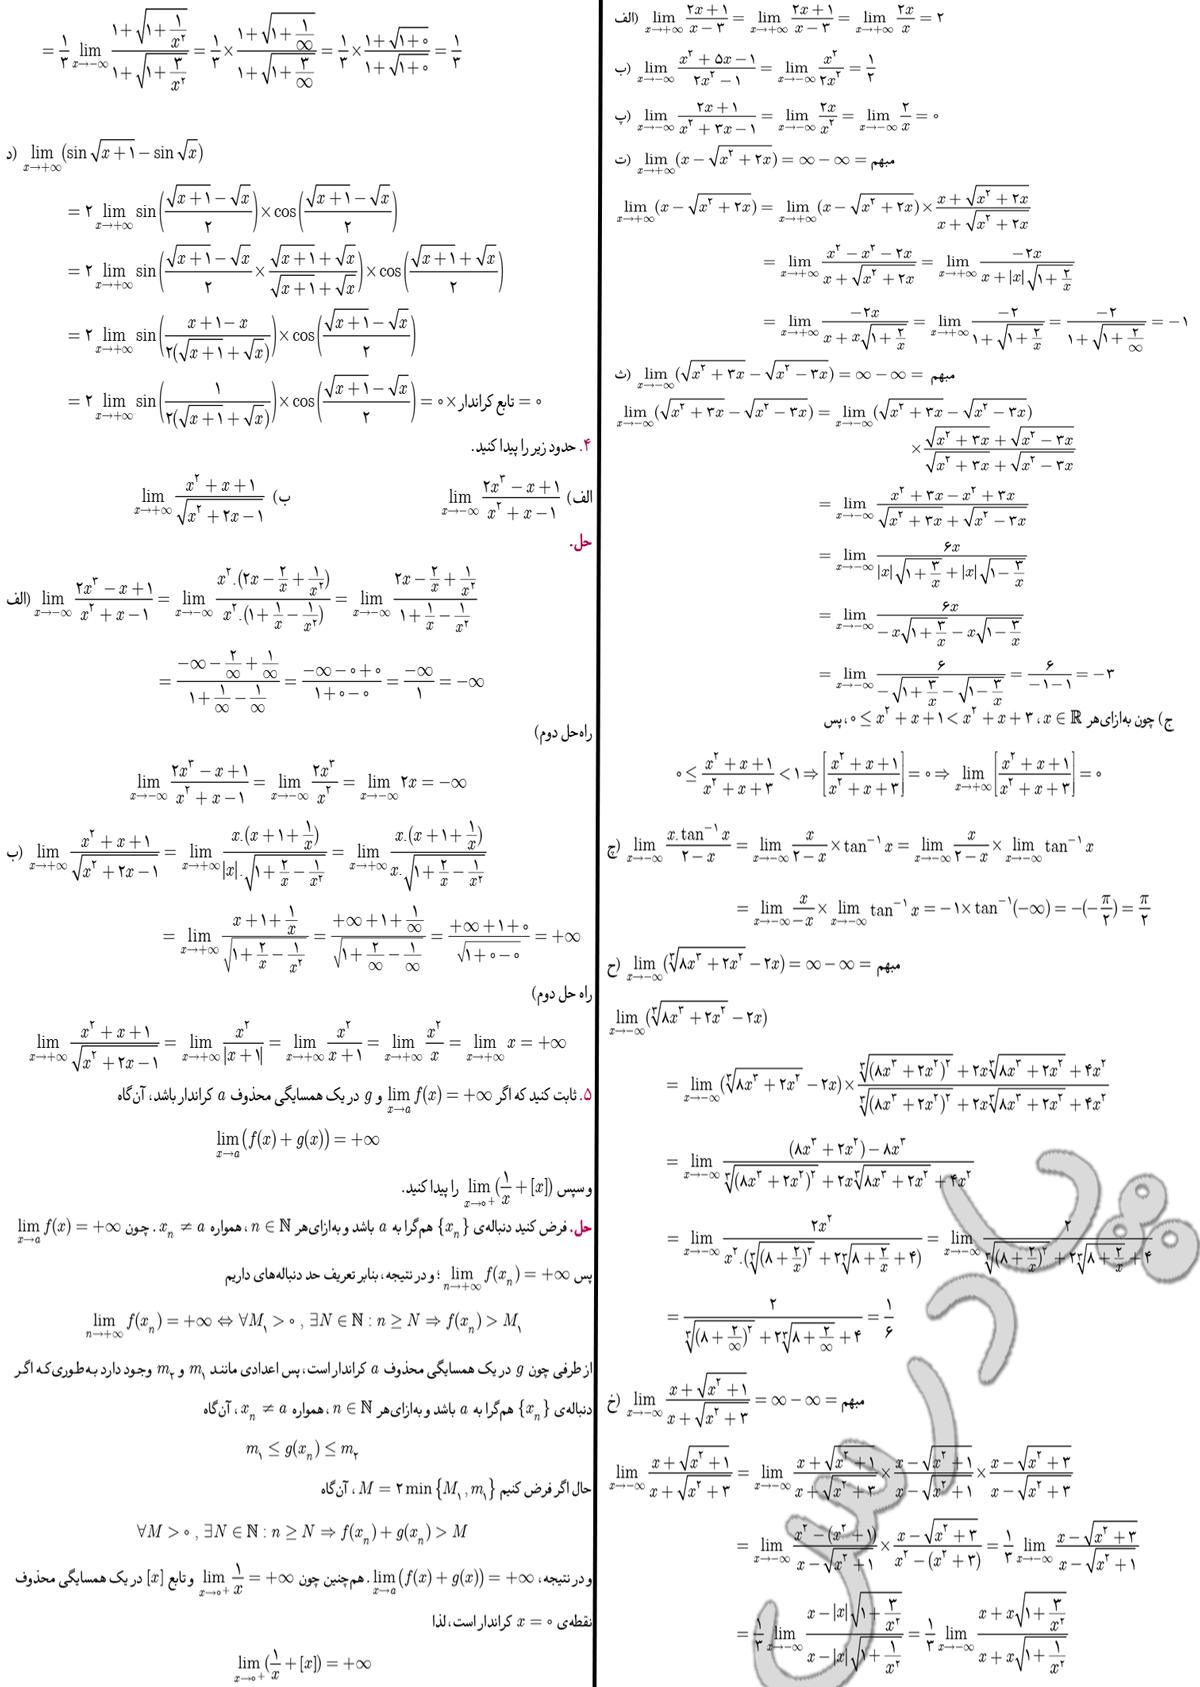 ادامه حل مسائل صفحه 123 دیفرانسیل پیش دانشگاهی سوم